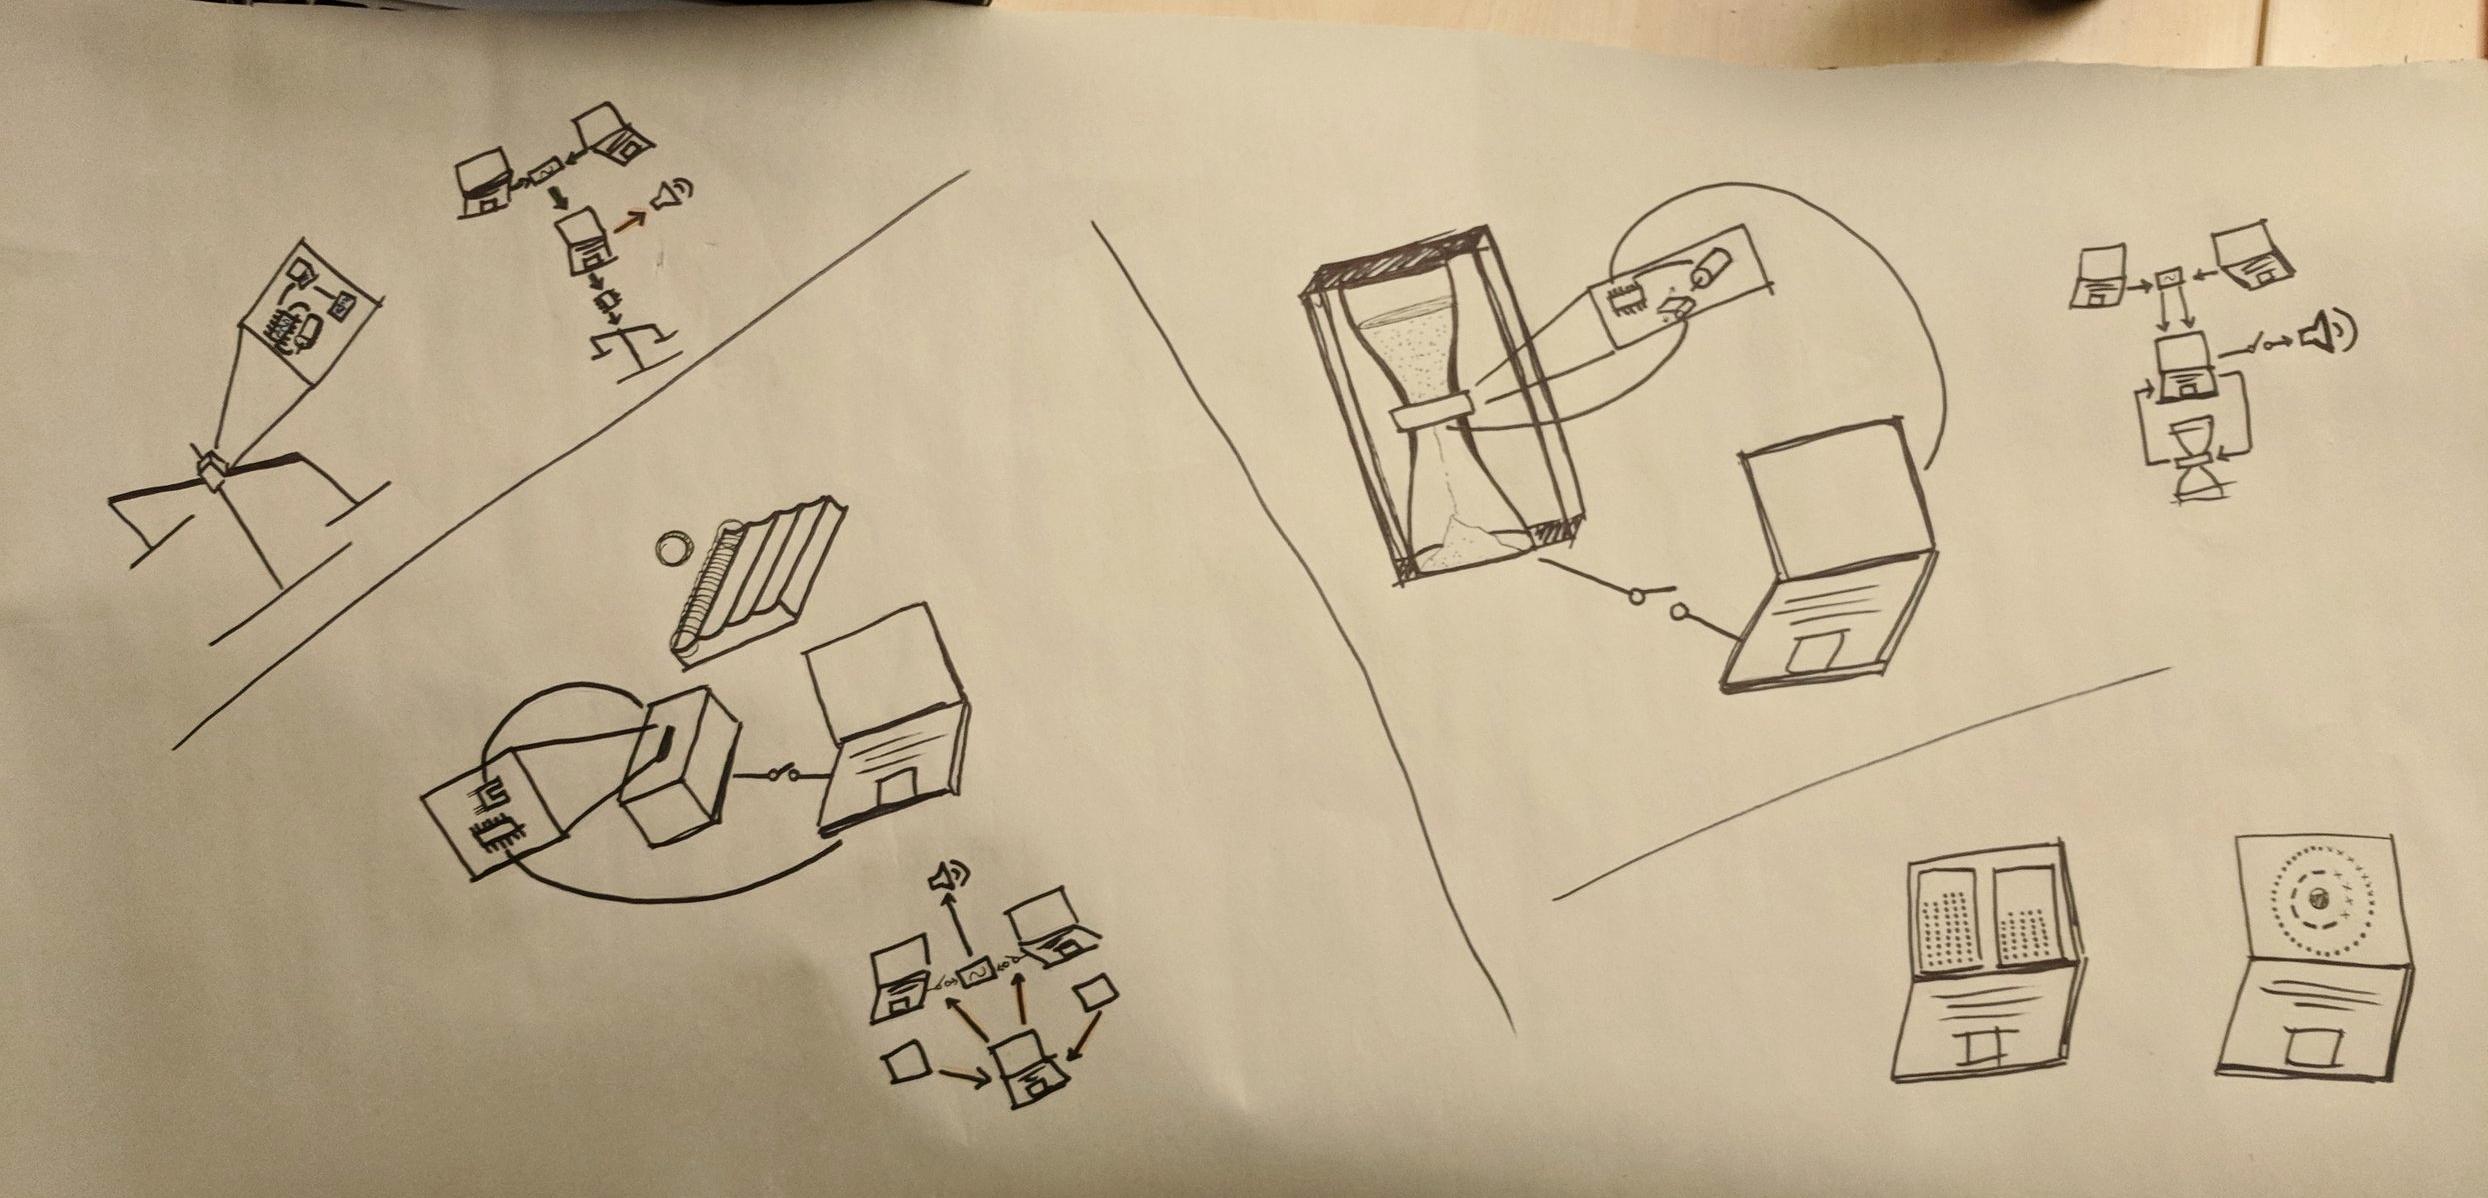 Design sketching -